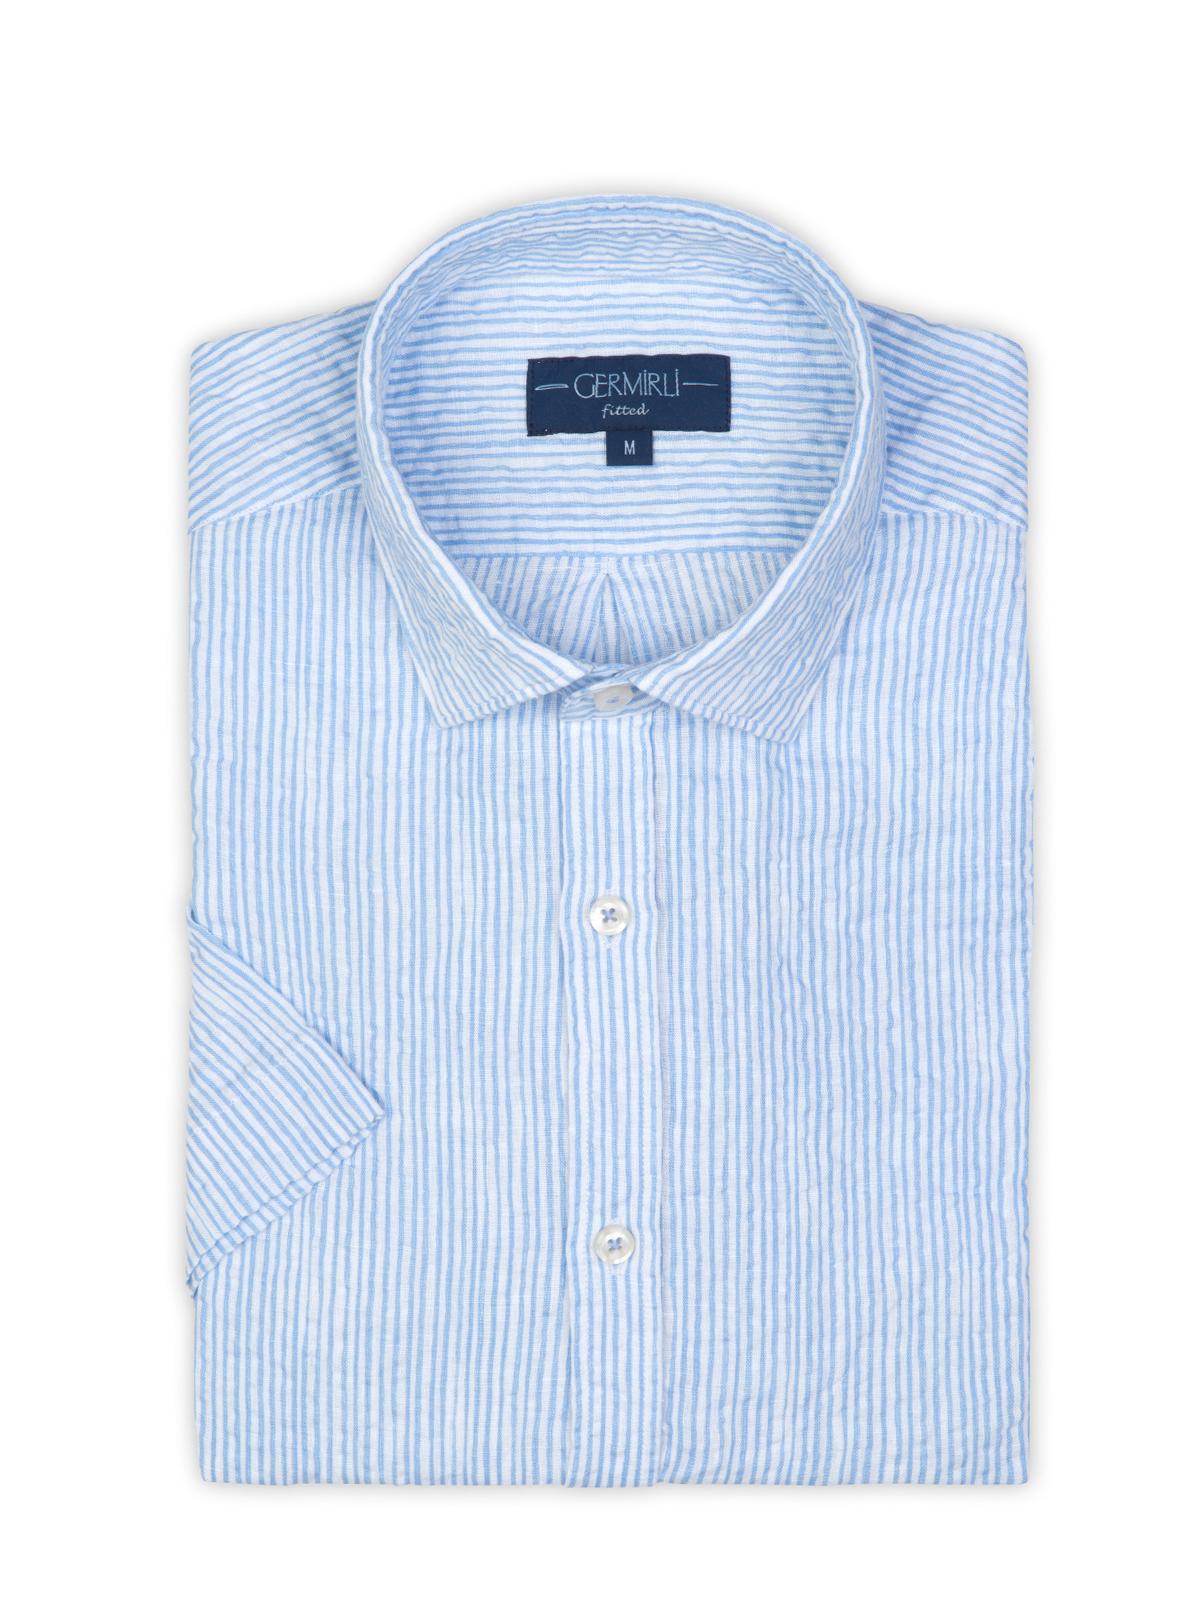 Germirli Mavi Beyaz Çizgili Seersucker Kısa Kollu Tailor Fit Gömlek